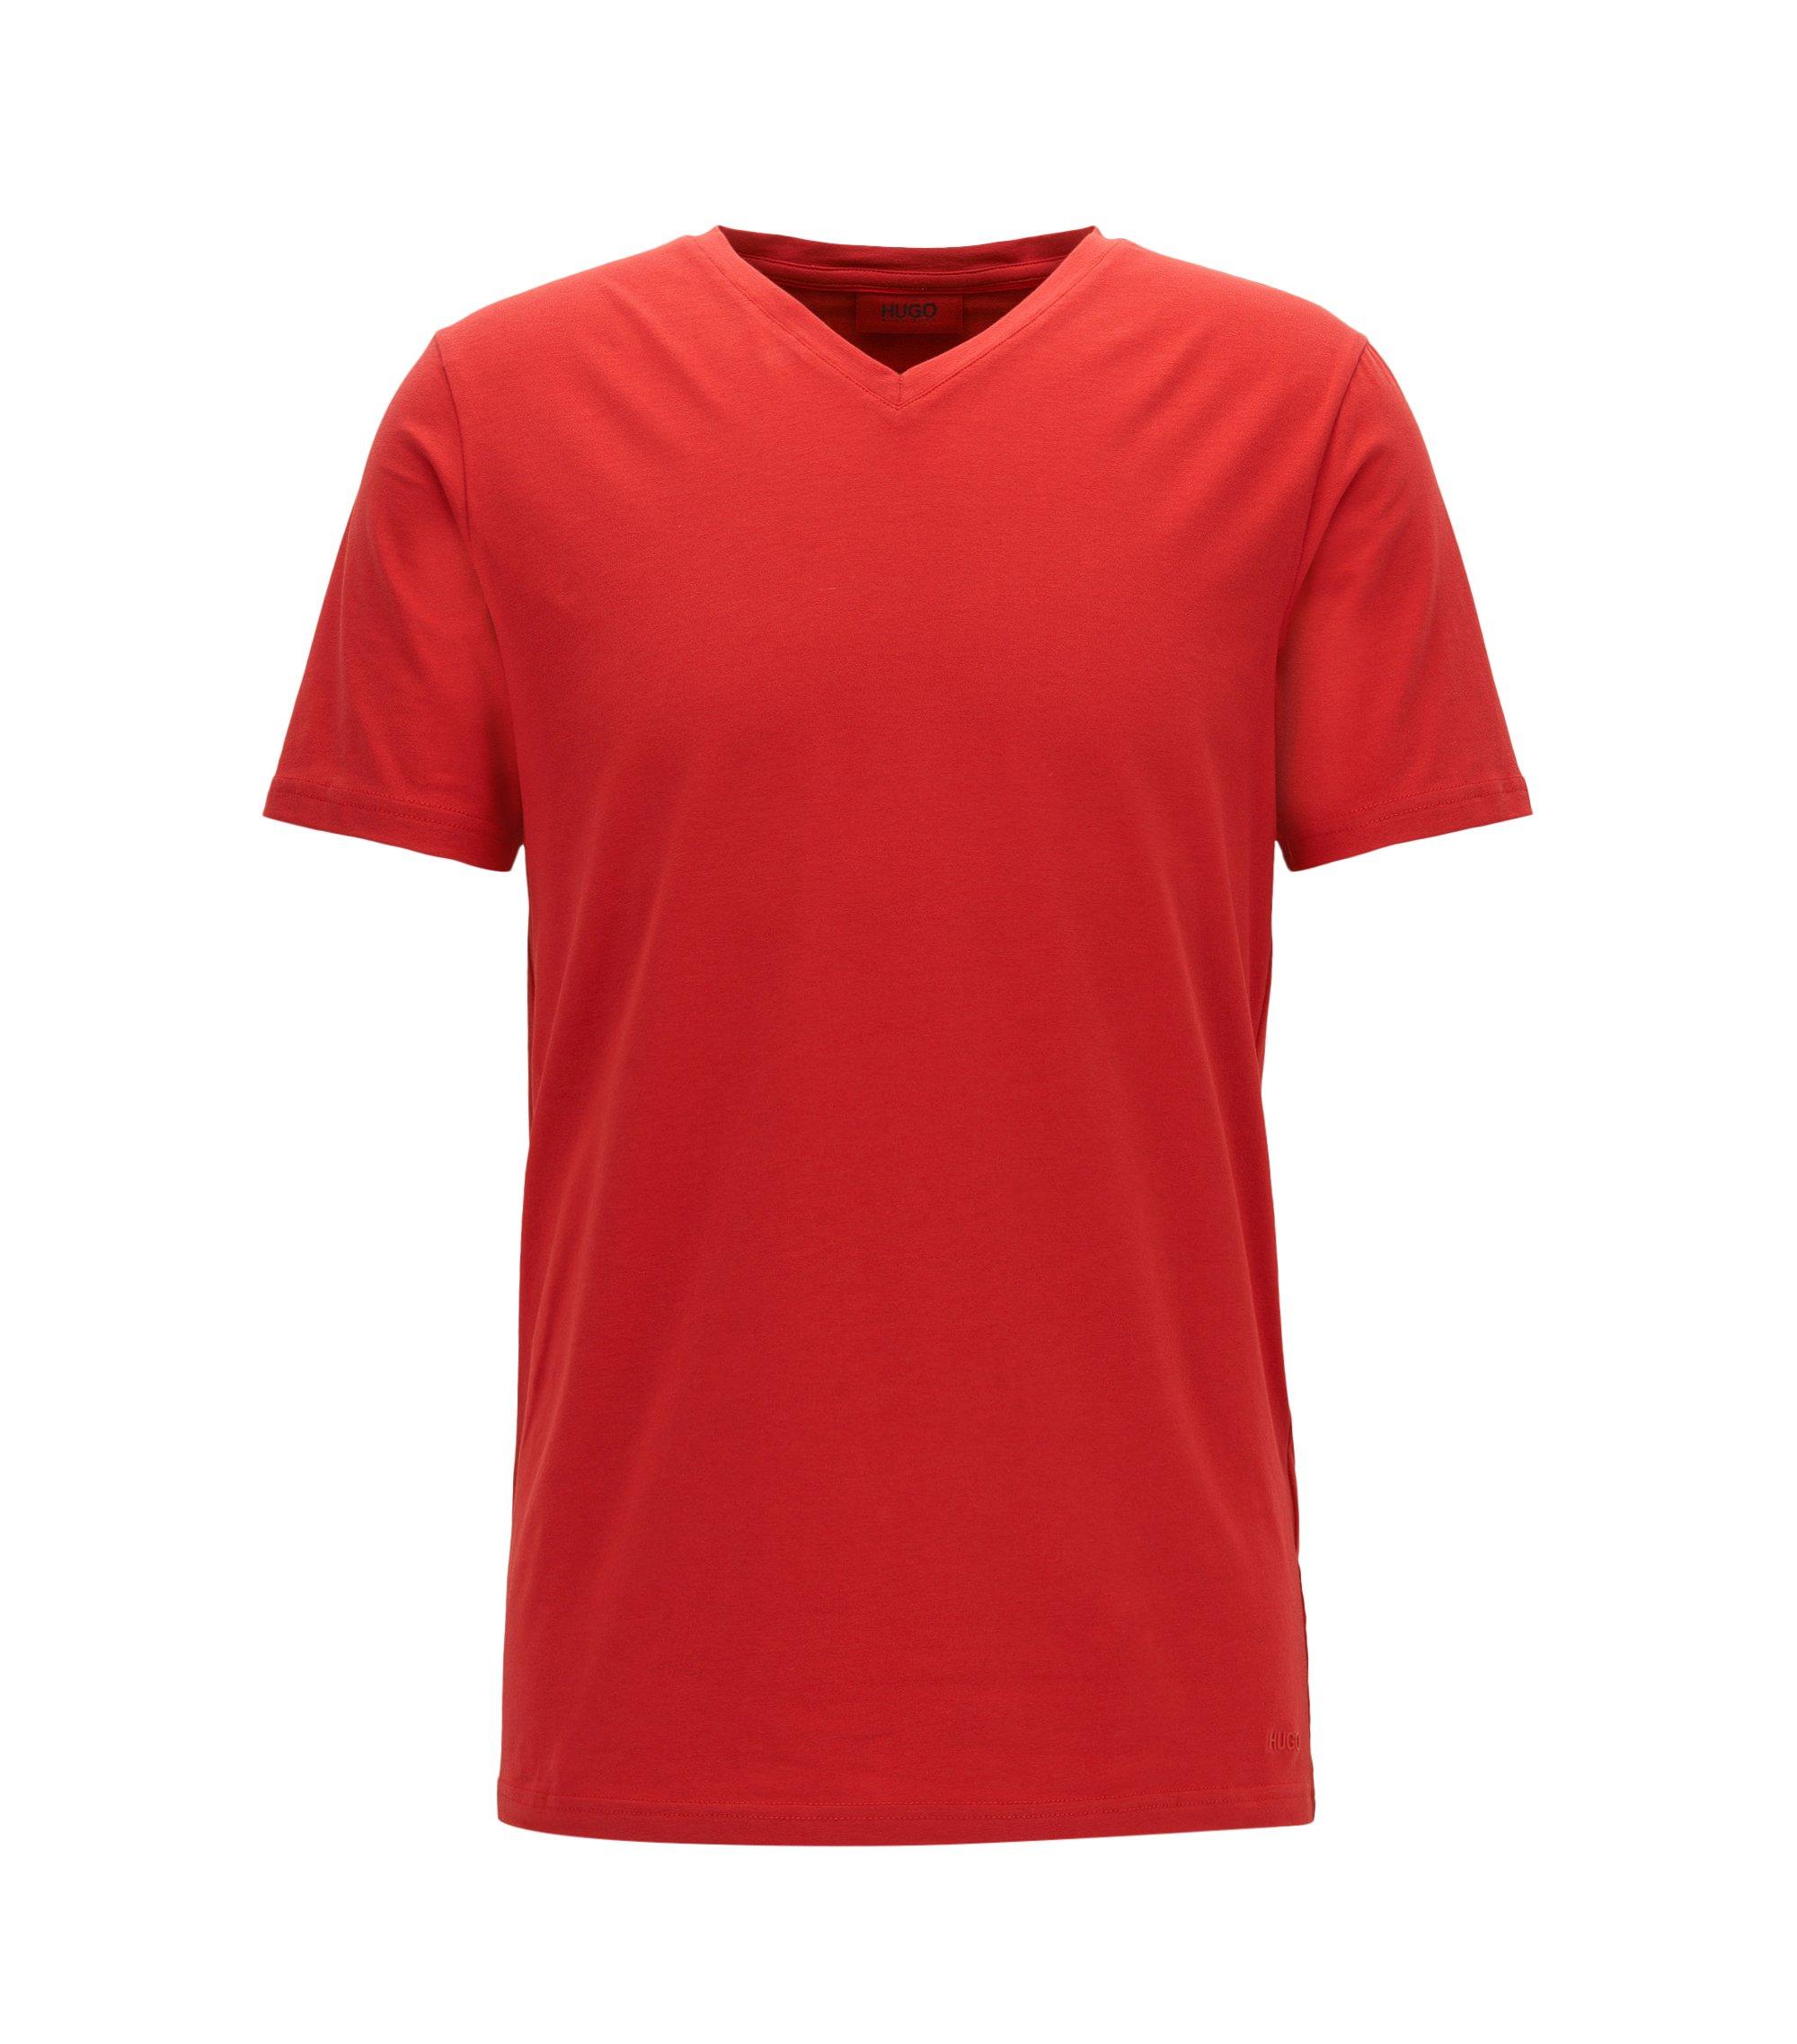 T-Shirt aus elastischem Baumwoll-Jersey mit V-Ausschnitt, Rot